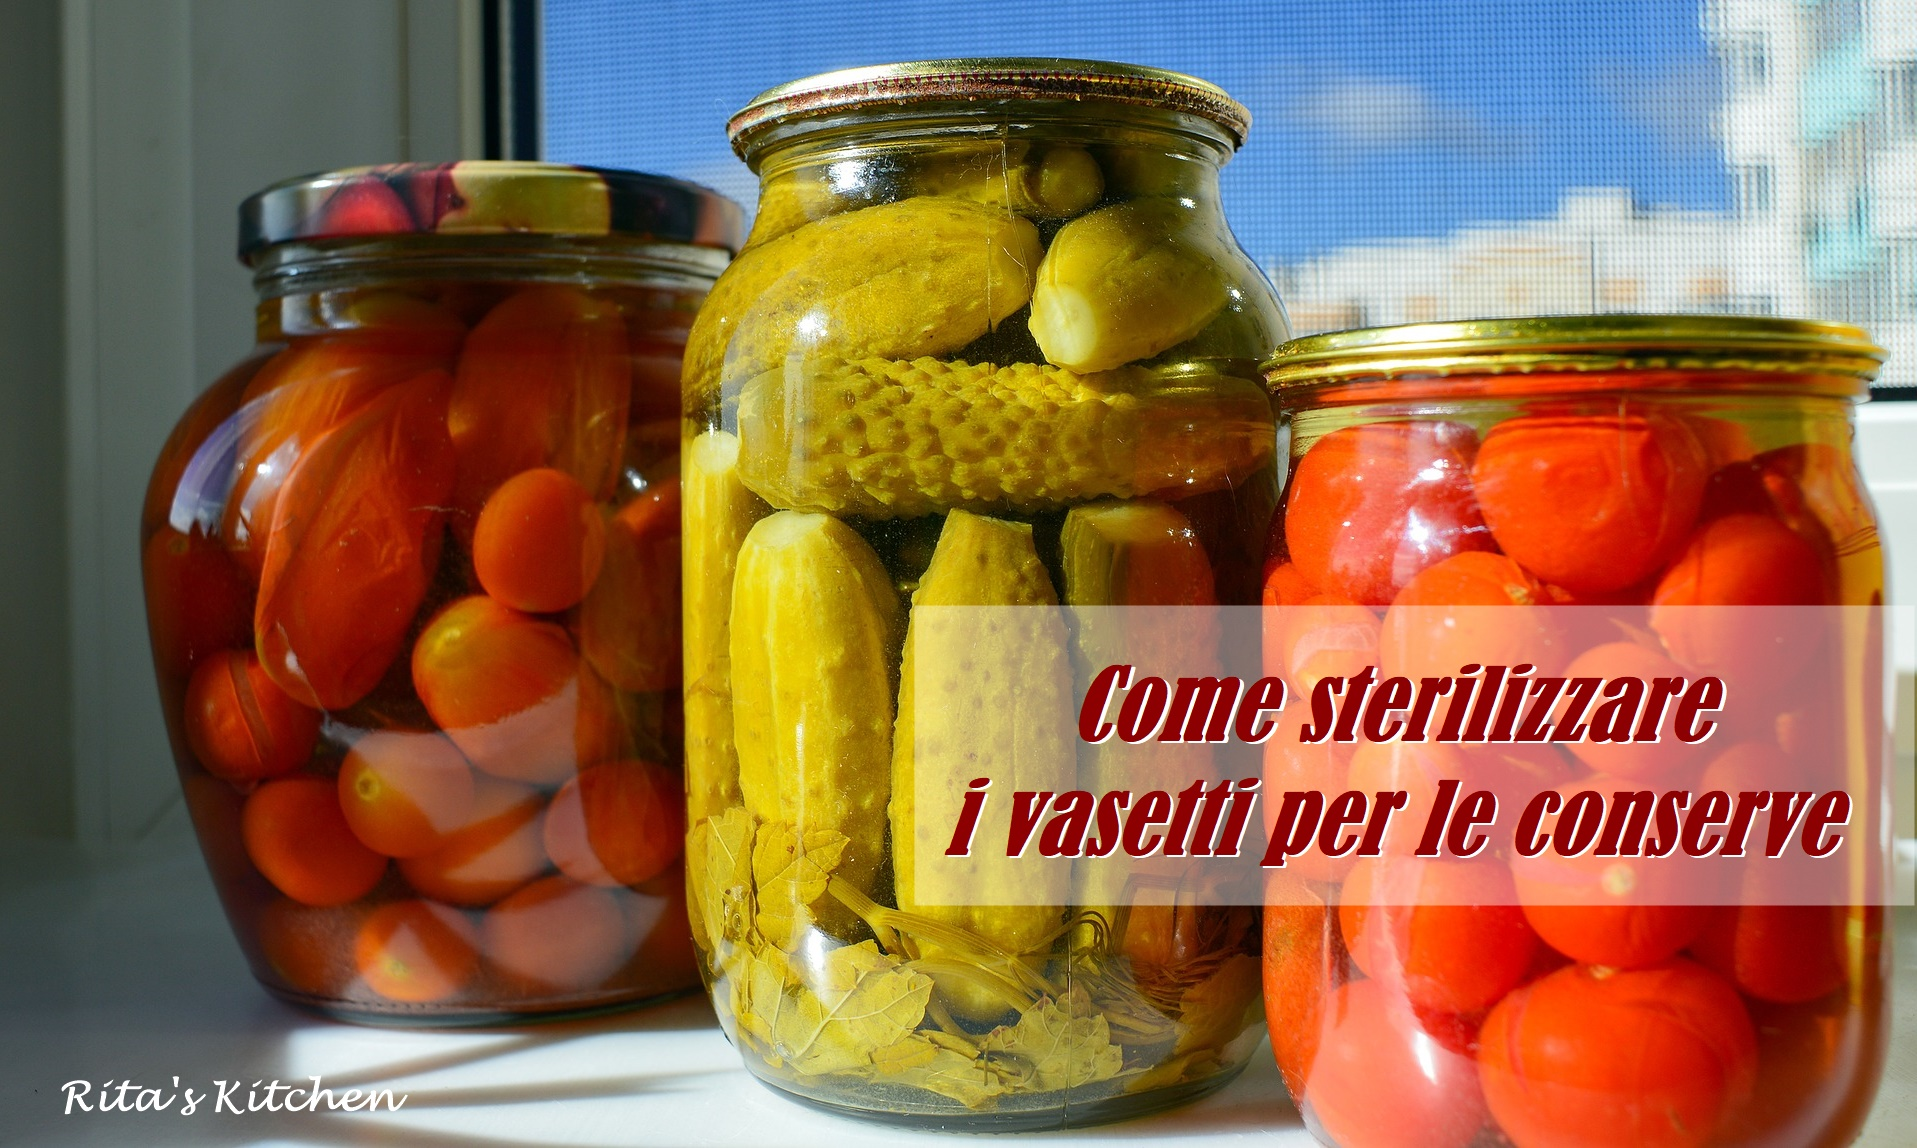 Come Sterilizzare Vasetti Per Conserve come sterilizzare i vasetti per le conserve – rita's kitchen